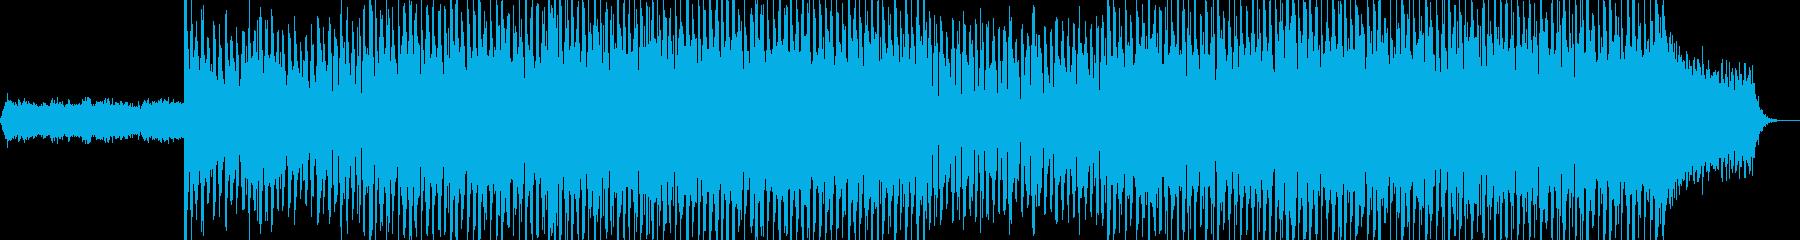 ニュース映像ナレーションバック向け-24の再生済みの波形